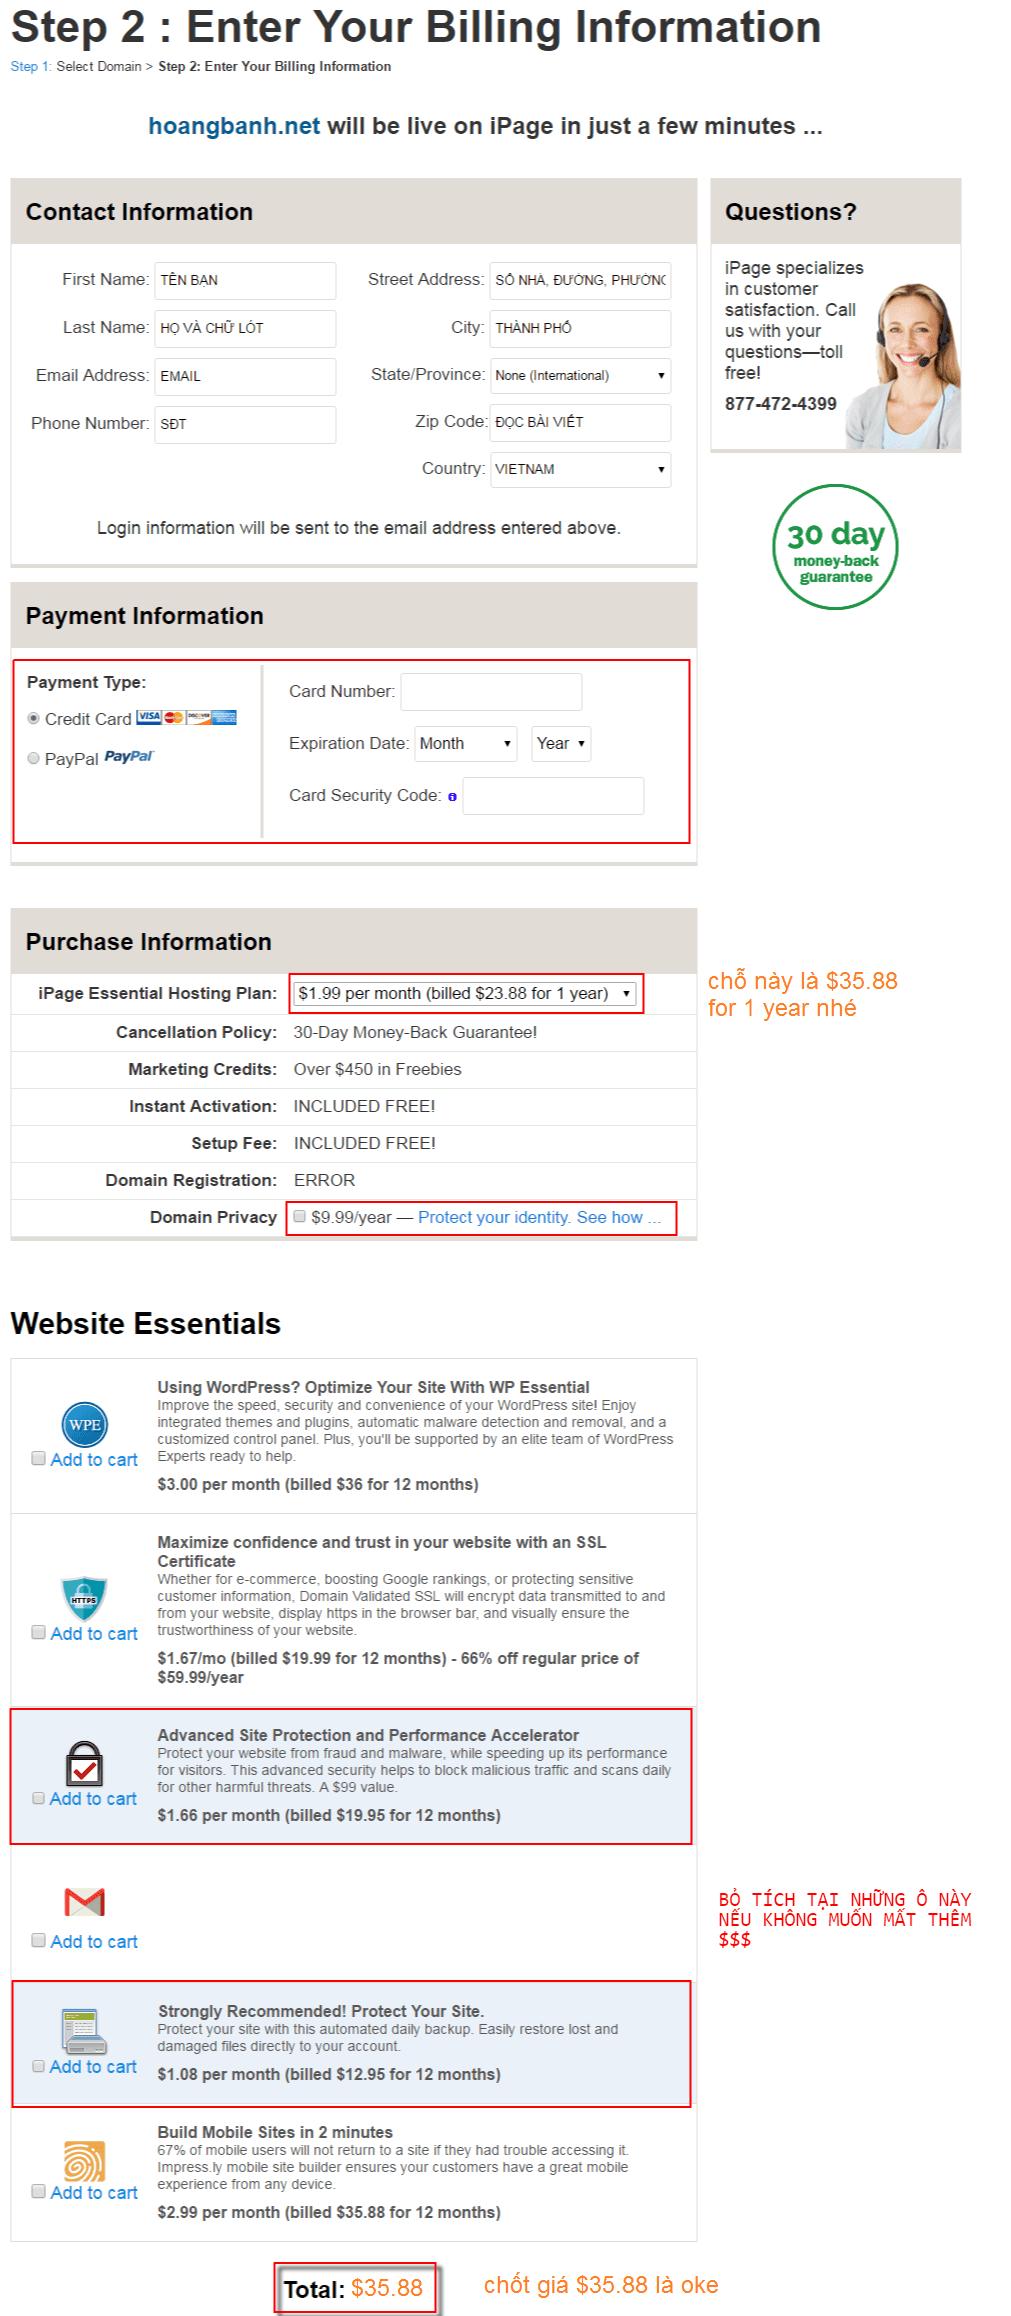 mua hosting ipage.com Hosting iPAGE giảm giá 81% tặng kèm tên miền một năm IPGAE COUPON 1